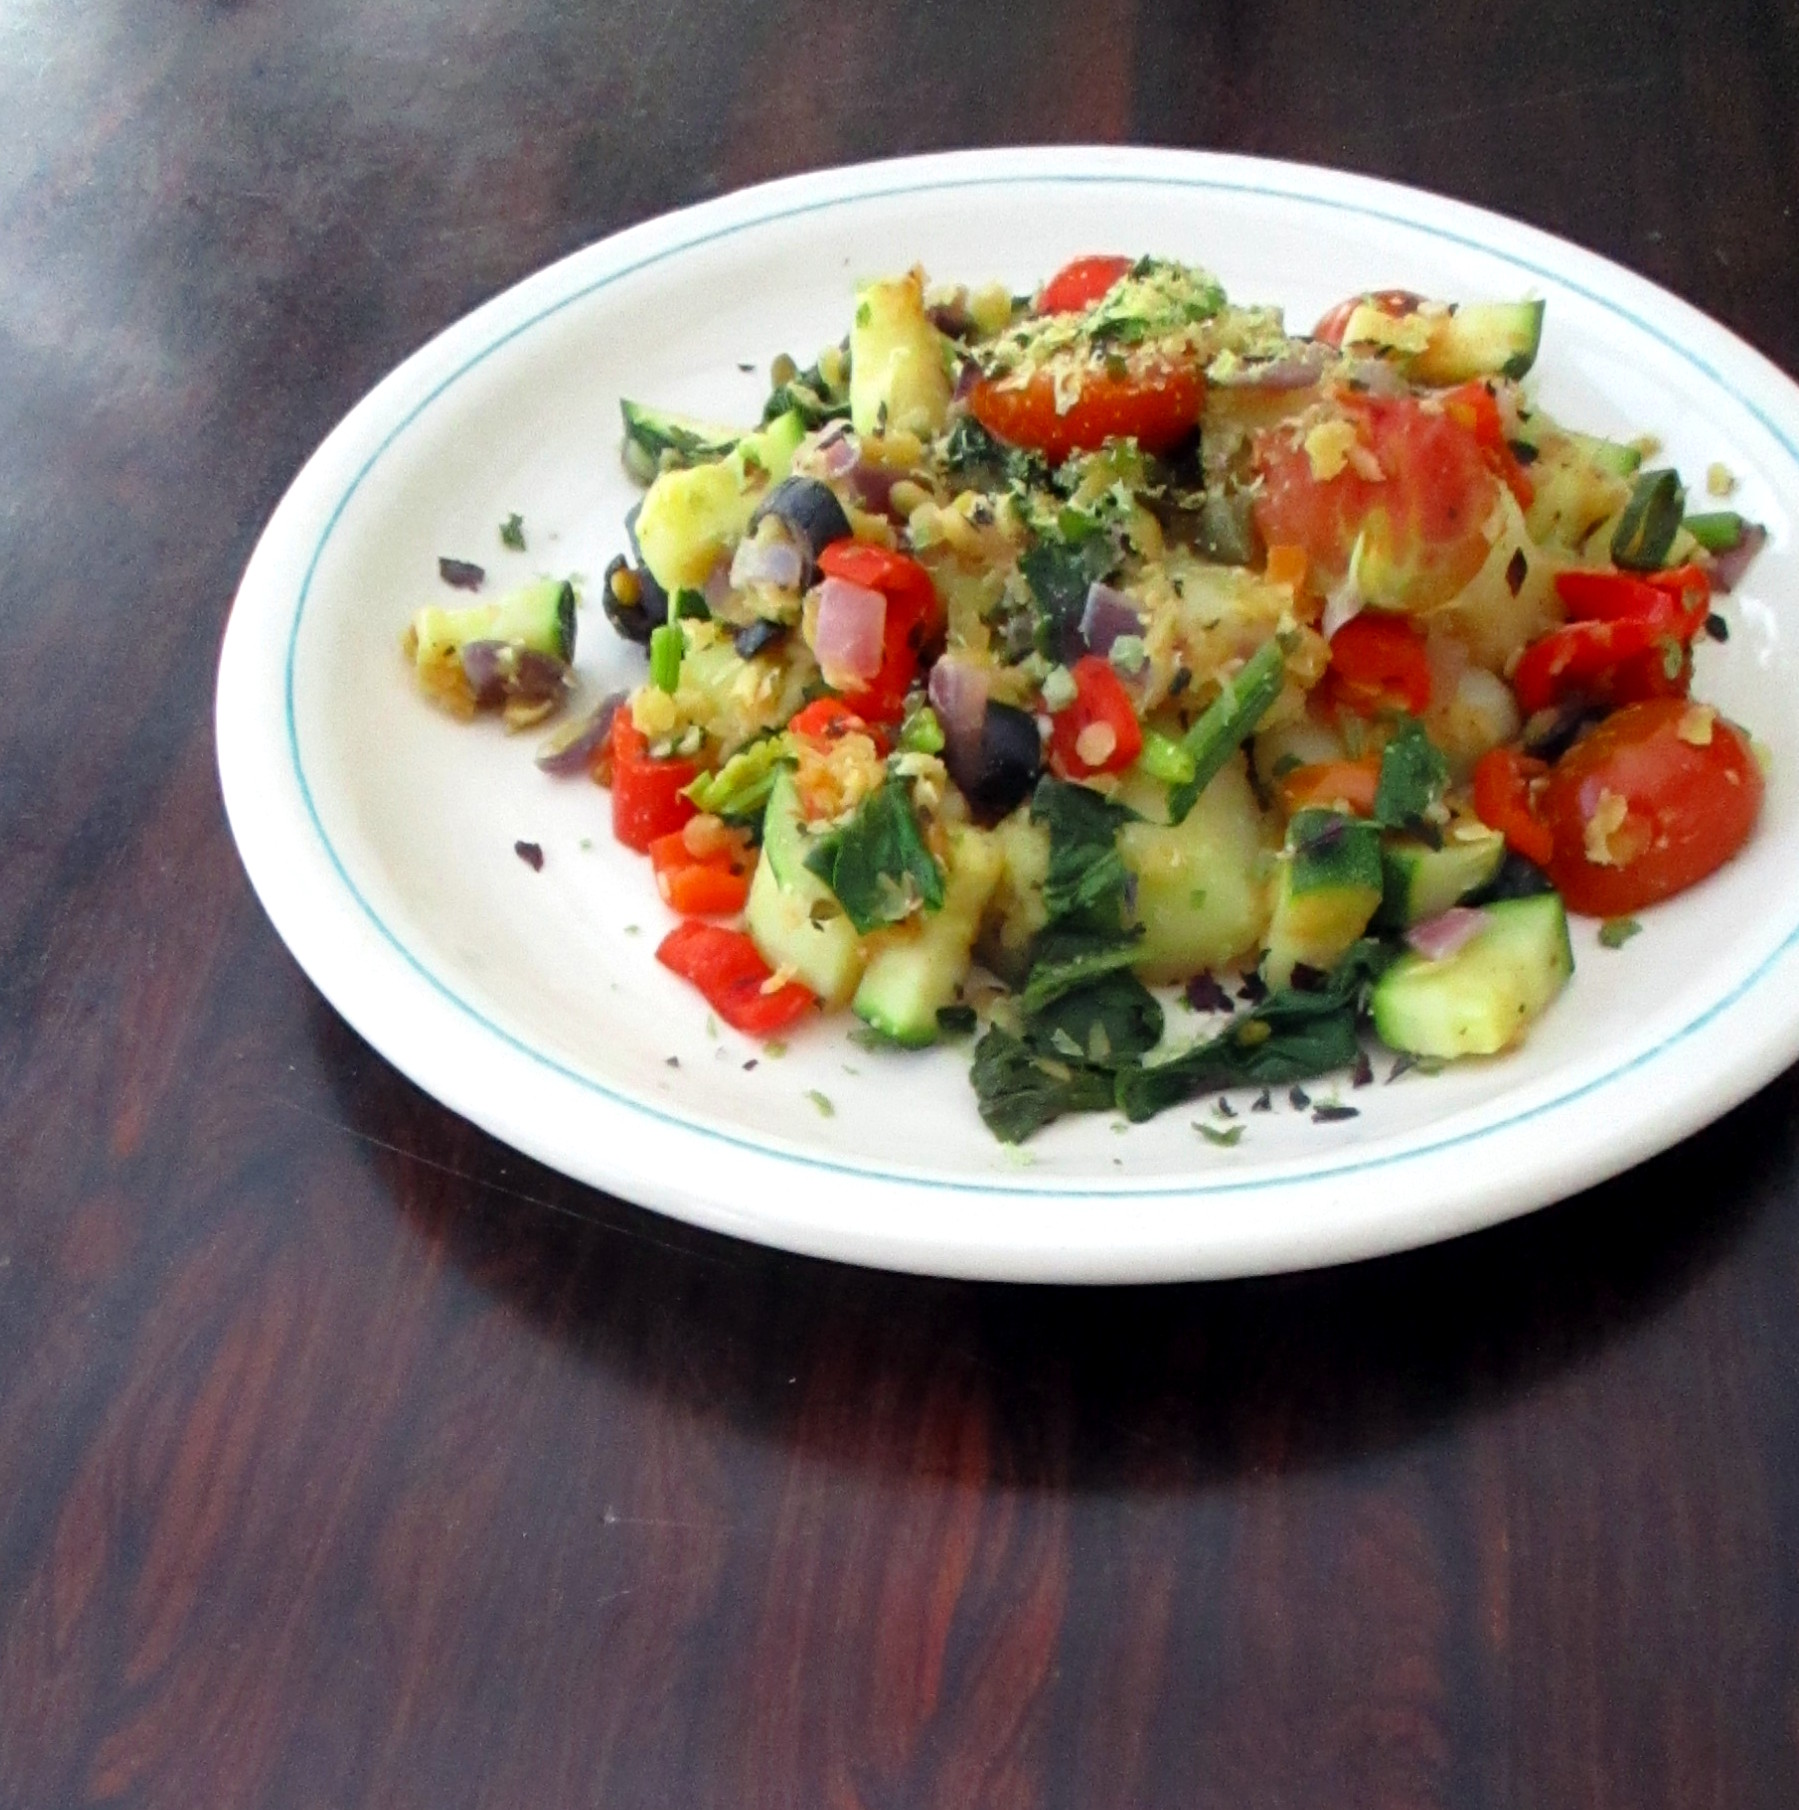 Italiaanse aardappels vegan veganistisch glutenvrij sojavrij